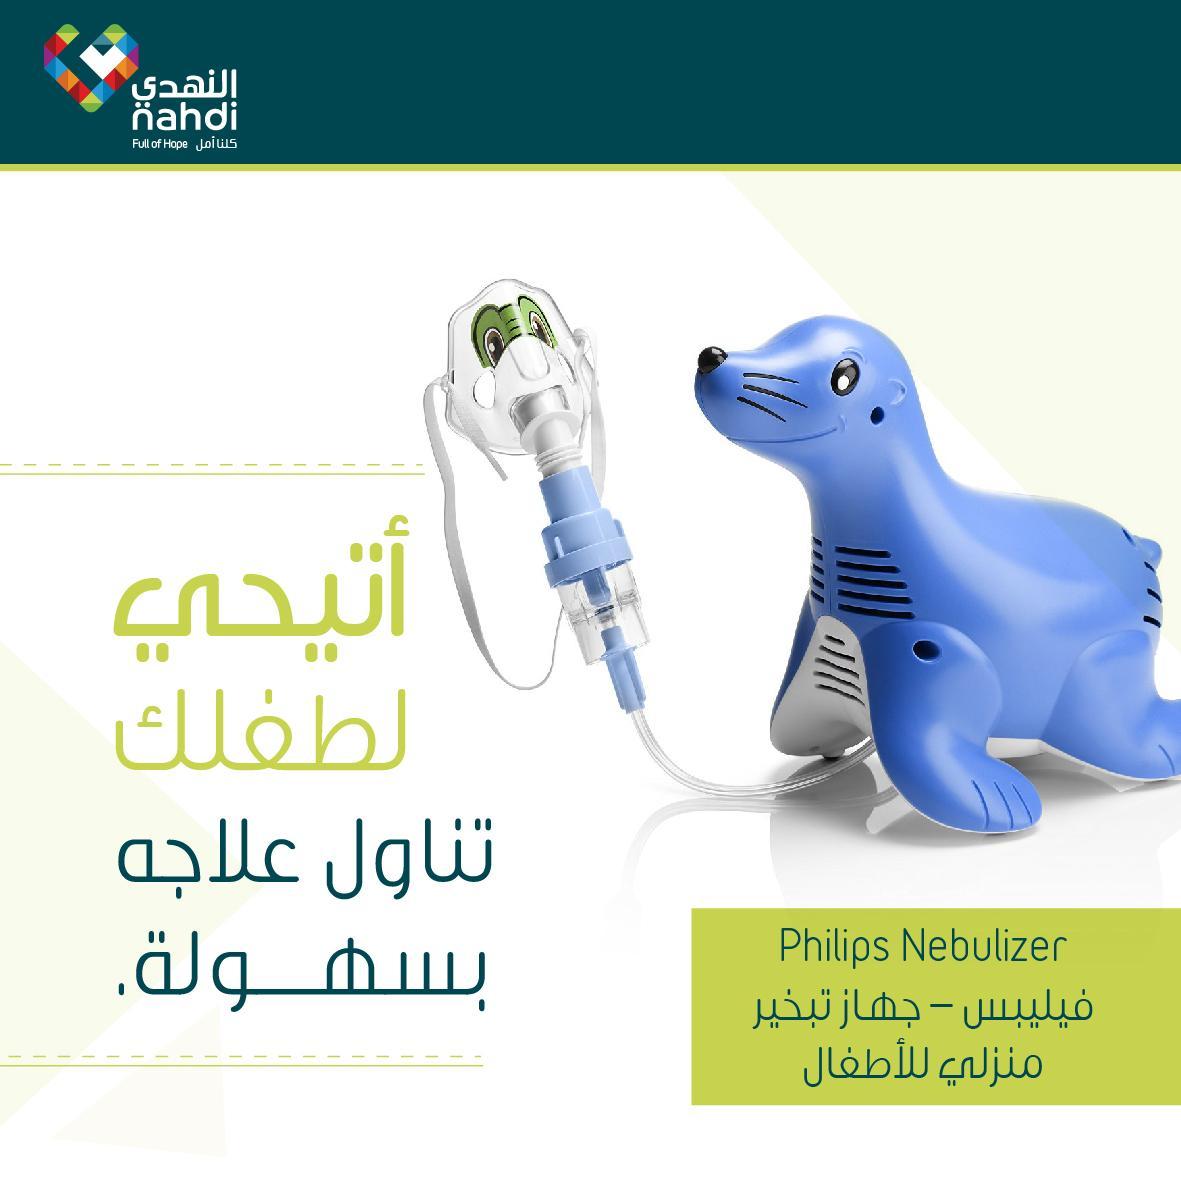 Uzivatel Nahdihope Na Twitteru سهل الاستخدام واقتصادي الانتهاء من جلسة البخار في وقت قصير قناع ملائم للأطفال بخار ربو تنفس صحة Http T Co A7iq6pr517